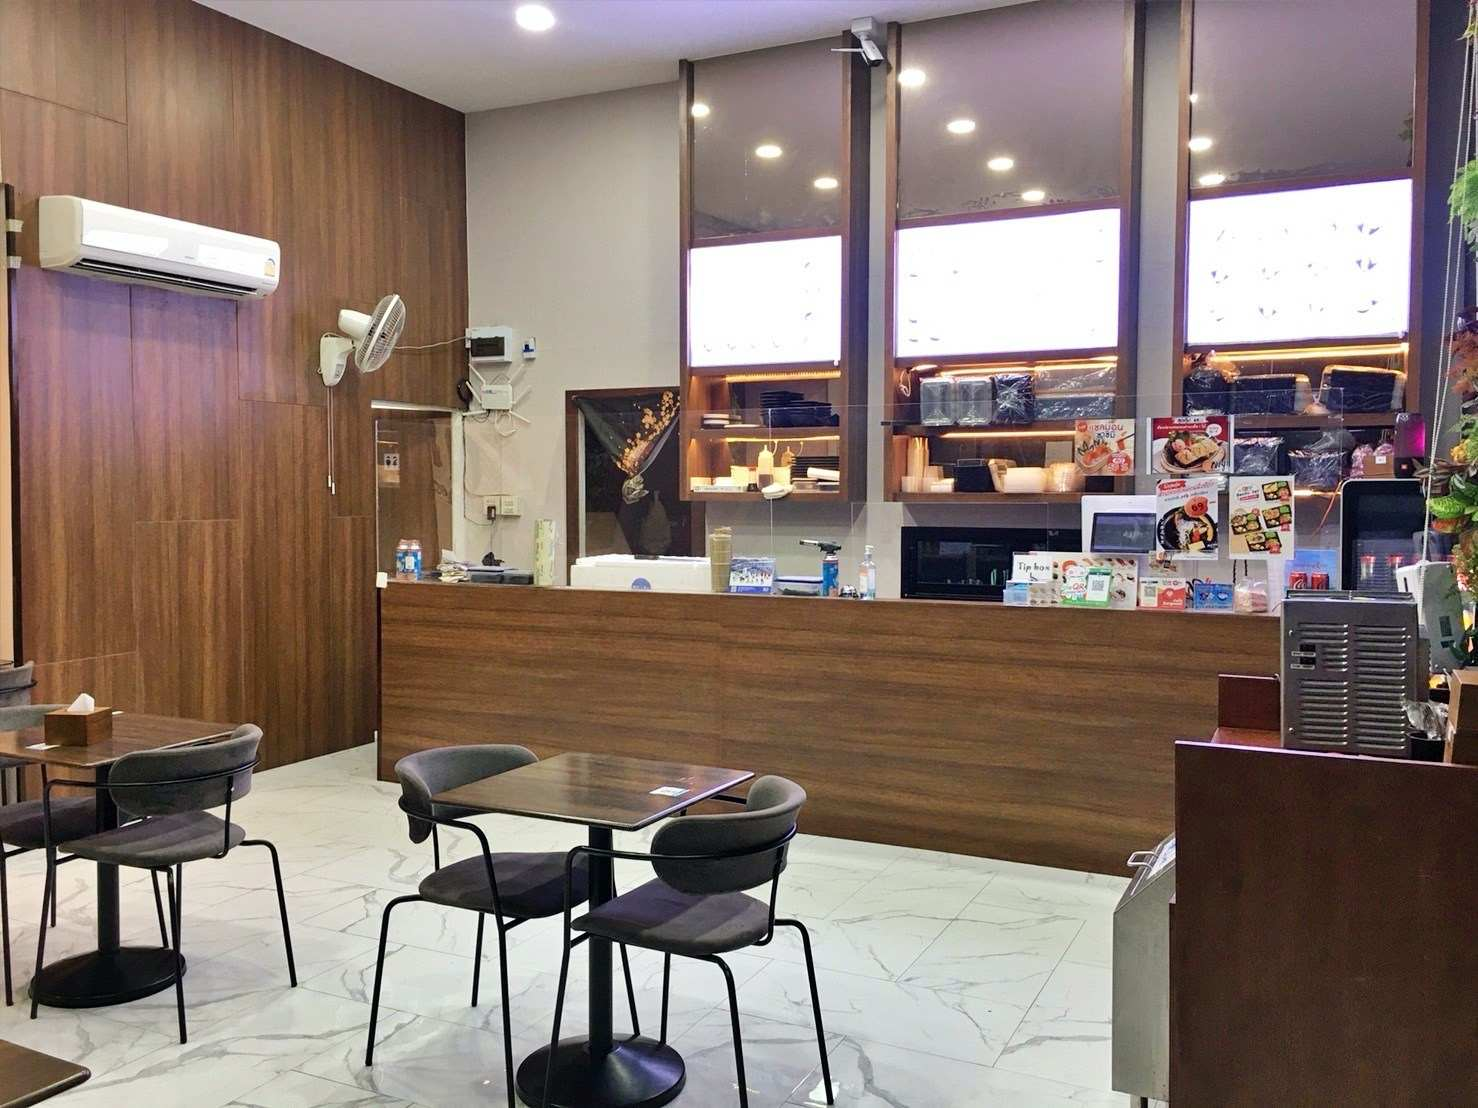 เซ้ง‼️ ร้านอาหารญี่ปุ่น พร้อมแบรนด์ ลาดพร้าวโชคชัย4 @อยู่ระหว่างซอย52/1 กับ 54